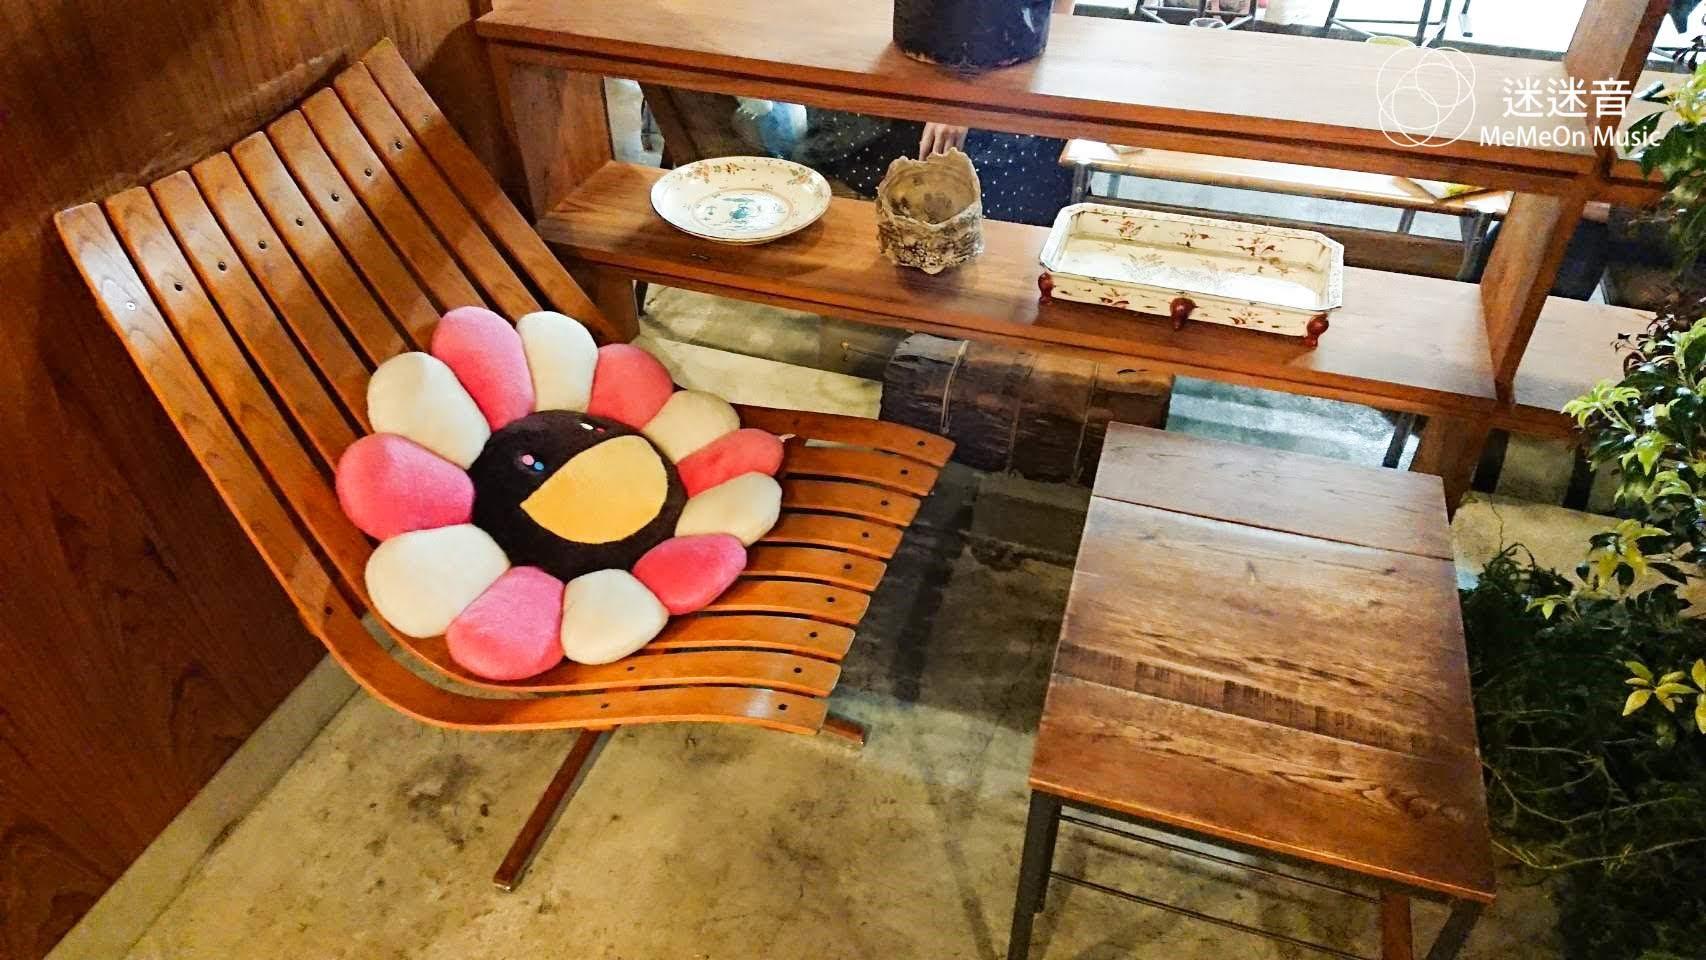 隱身中野百老匯的 村上隆 小花咖啡廳「 Bar Zingaro 」